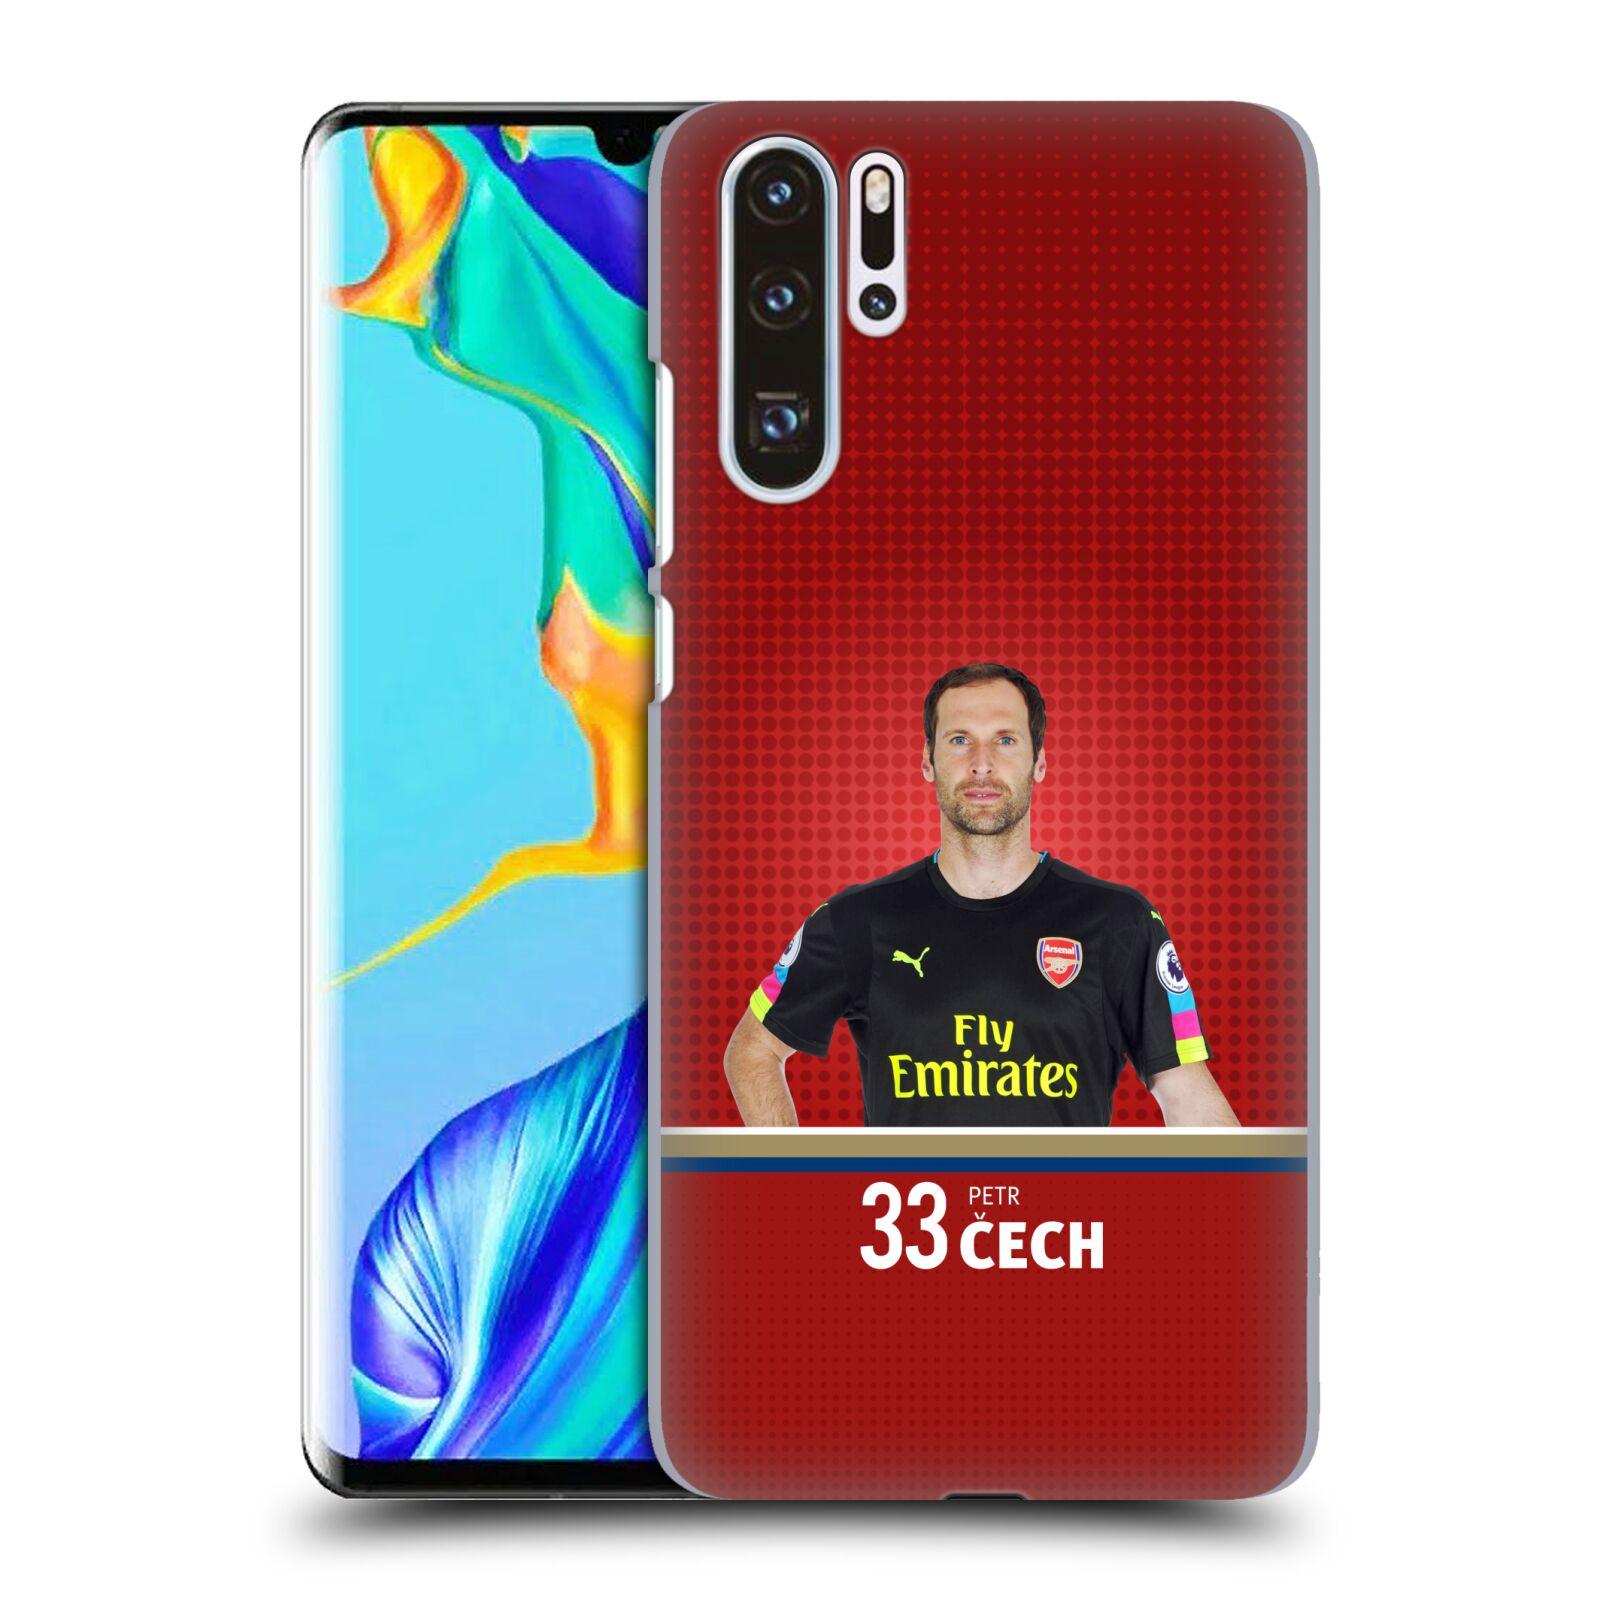 Plastové pouzdro na mobil Huawei P30 Pro - Head Case - Arsenal FC - Petr Čech